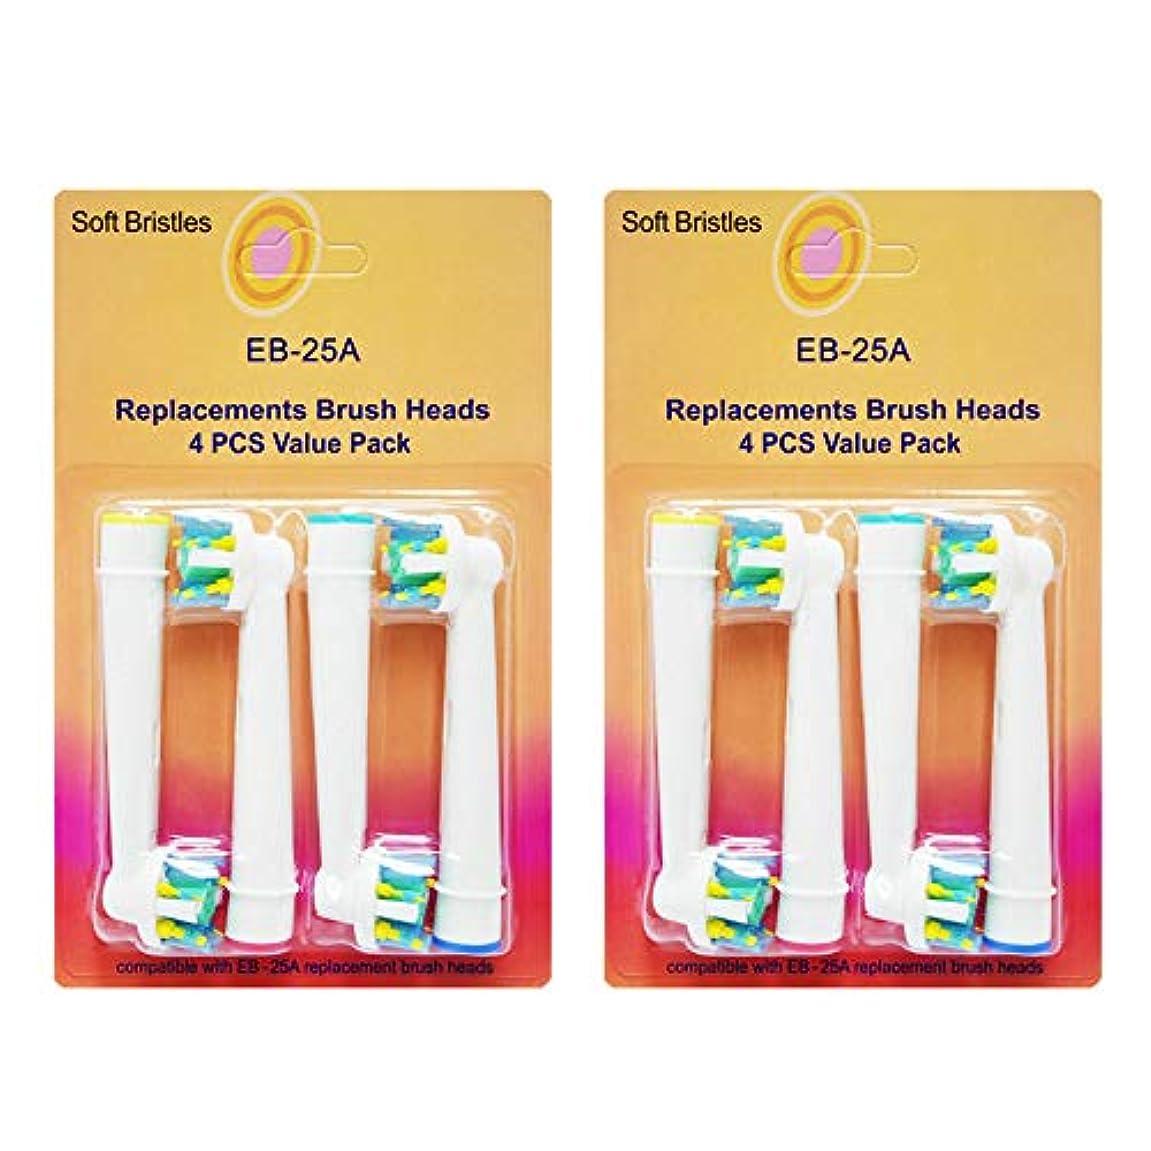 歴史家靴下バスタブブラウン BRAUN オーラルB 対応 歯間ワイパー付ブラシ 互換 ブラシ 相当品 歯ブラシ 互換ブラシ (2セット合計8本(4本1セット×2)) アーモロート(amaurot) EB25 EB-25 eb25 eb-25